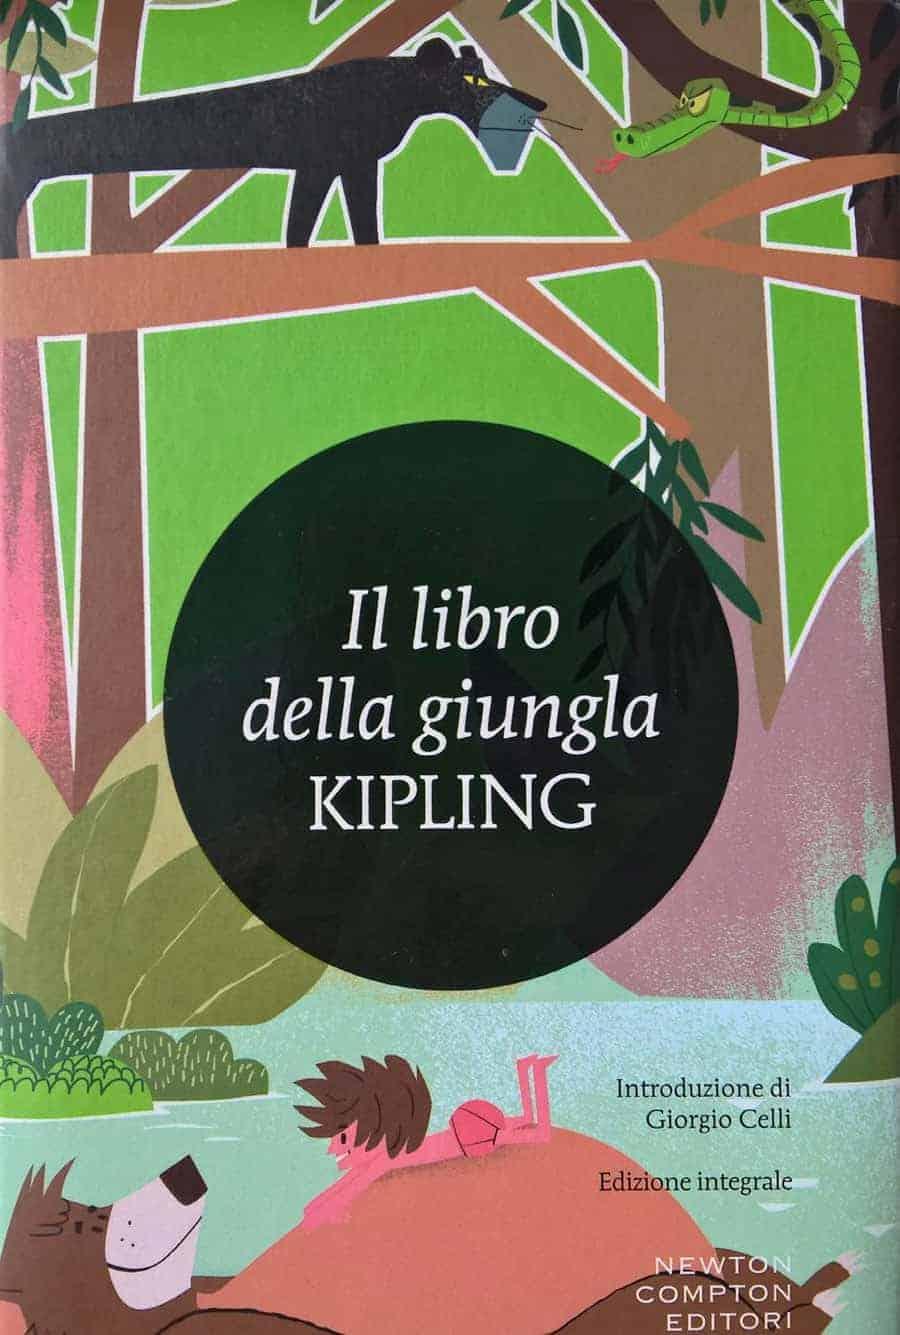 Il libro della giungla cartone animato completo in italiano disney